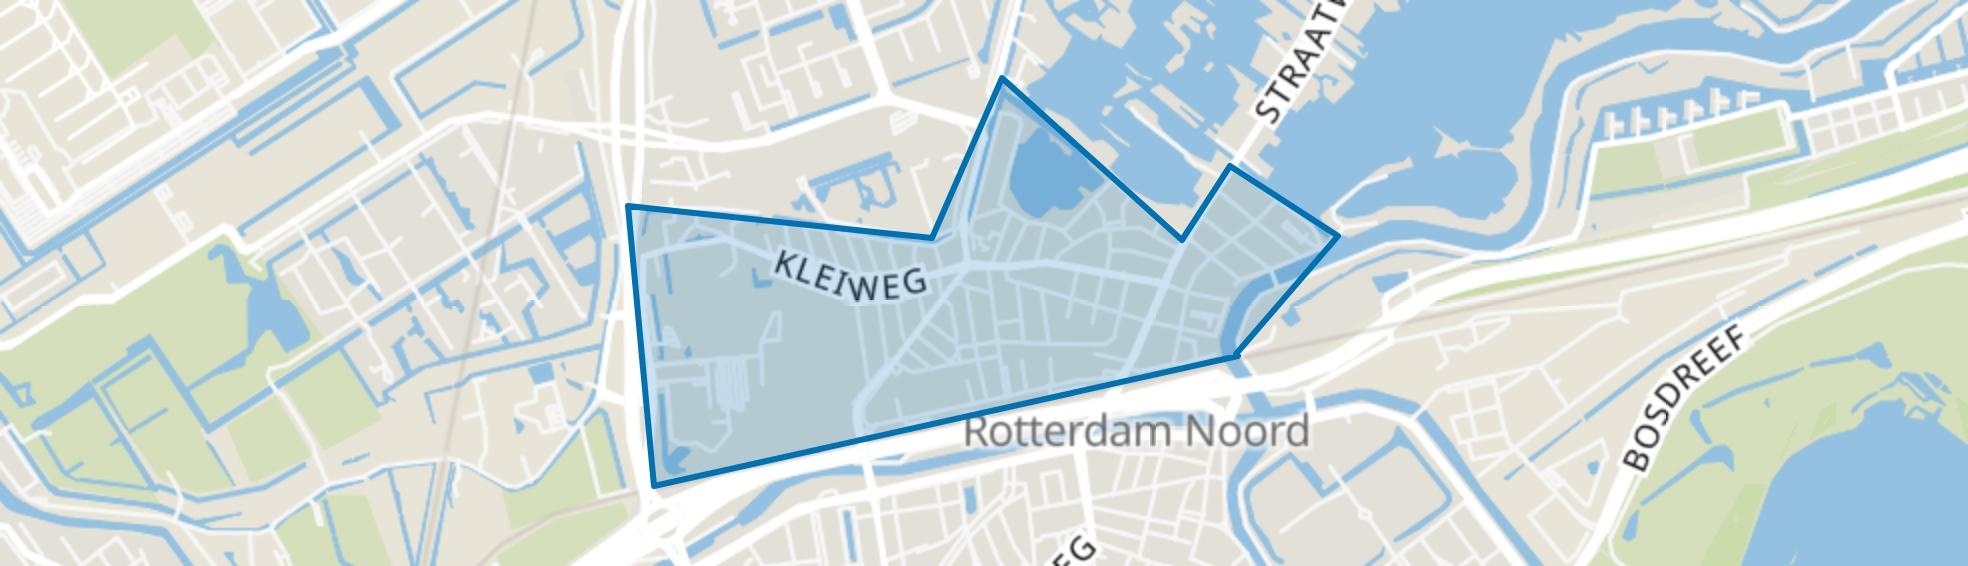 Hillegersberg Zuid, Rotterdam map